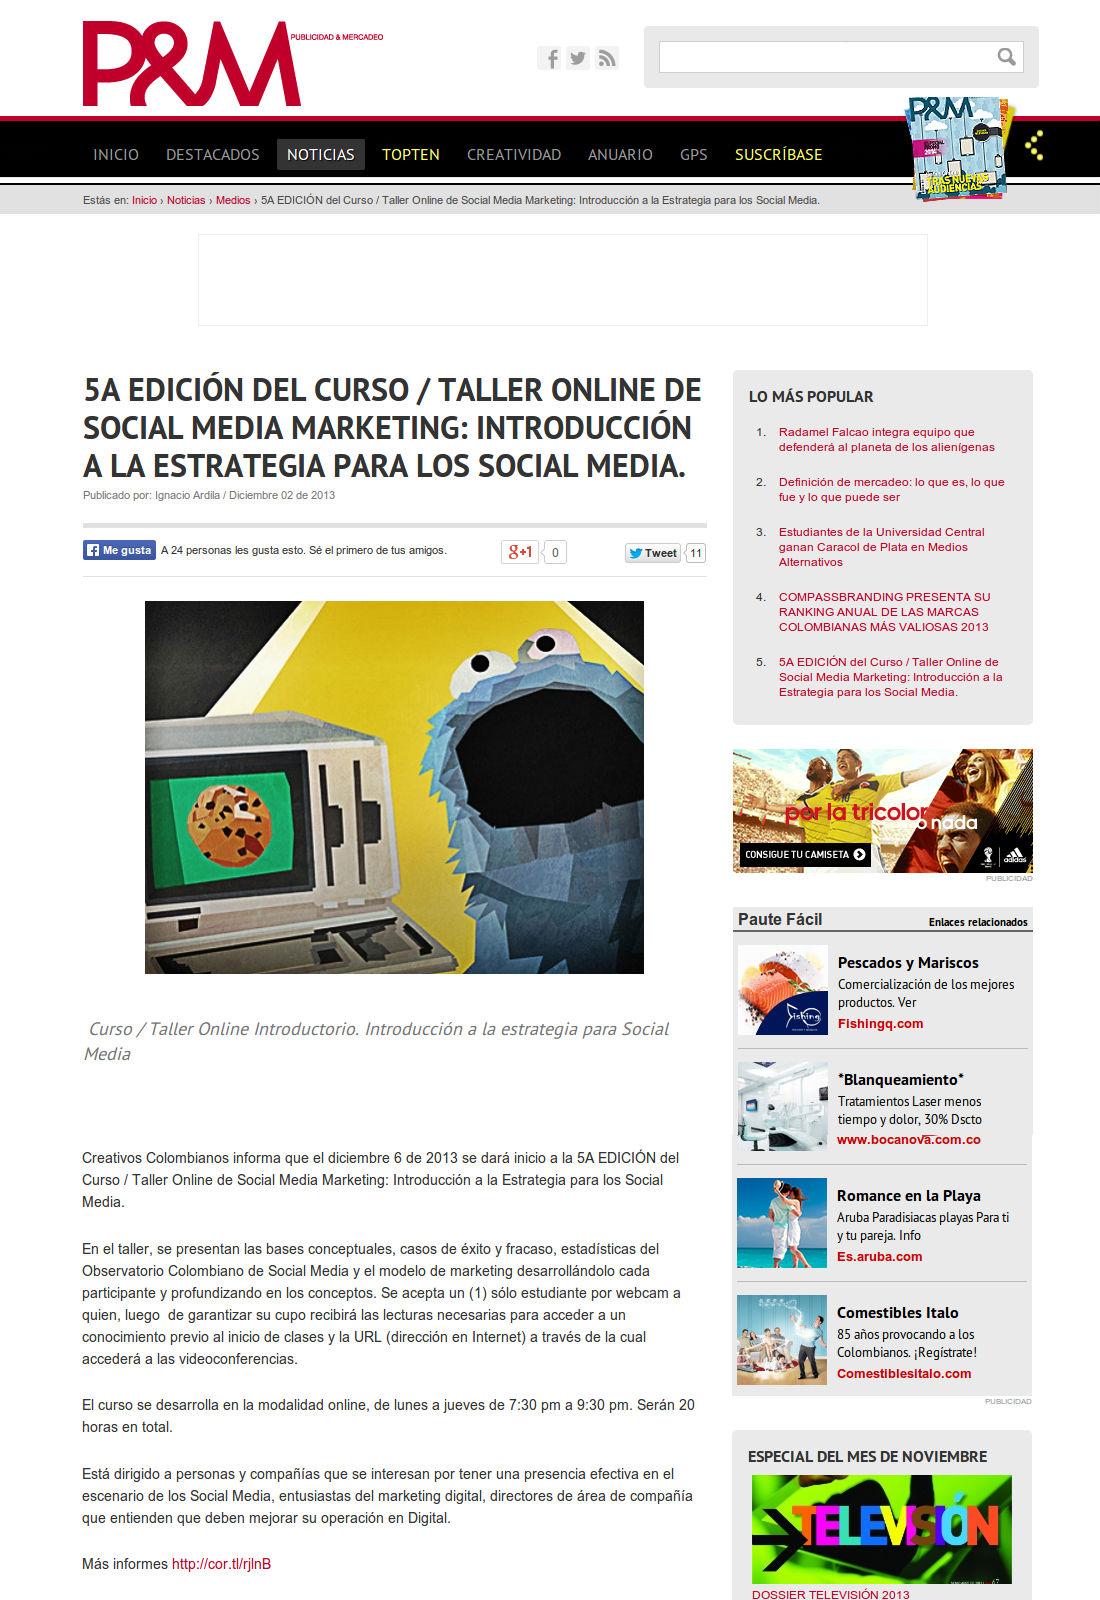 revista-pym-carlos-cortes-curso-social-media-marketing-3